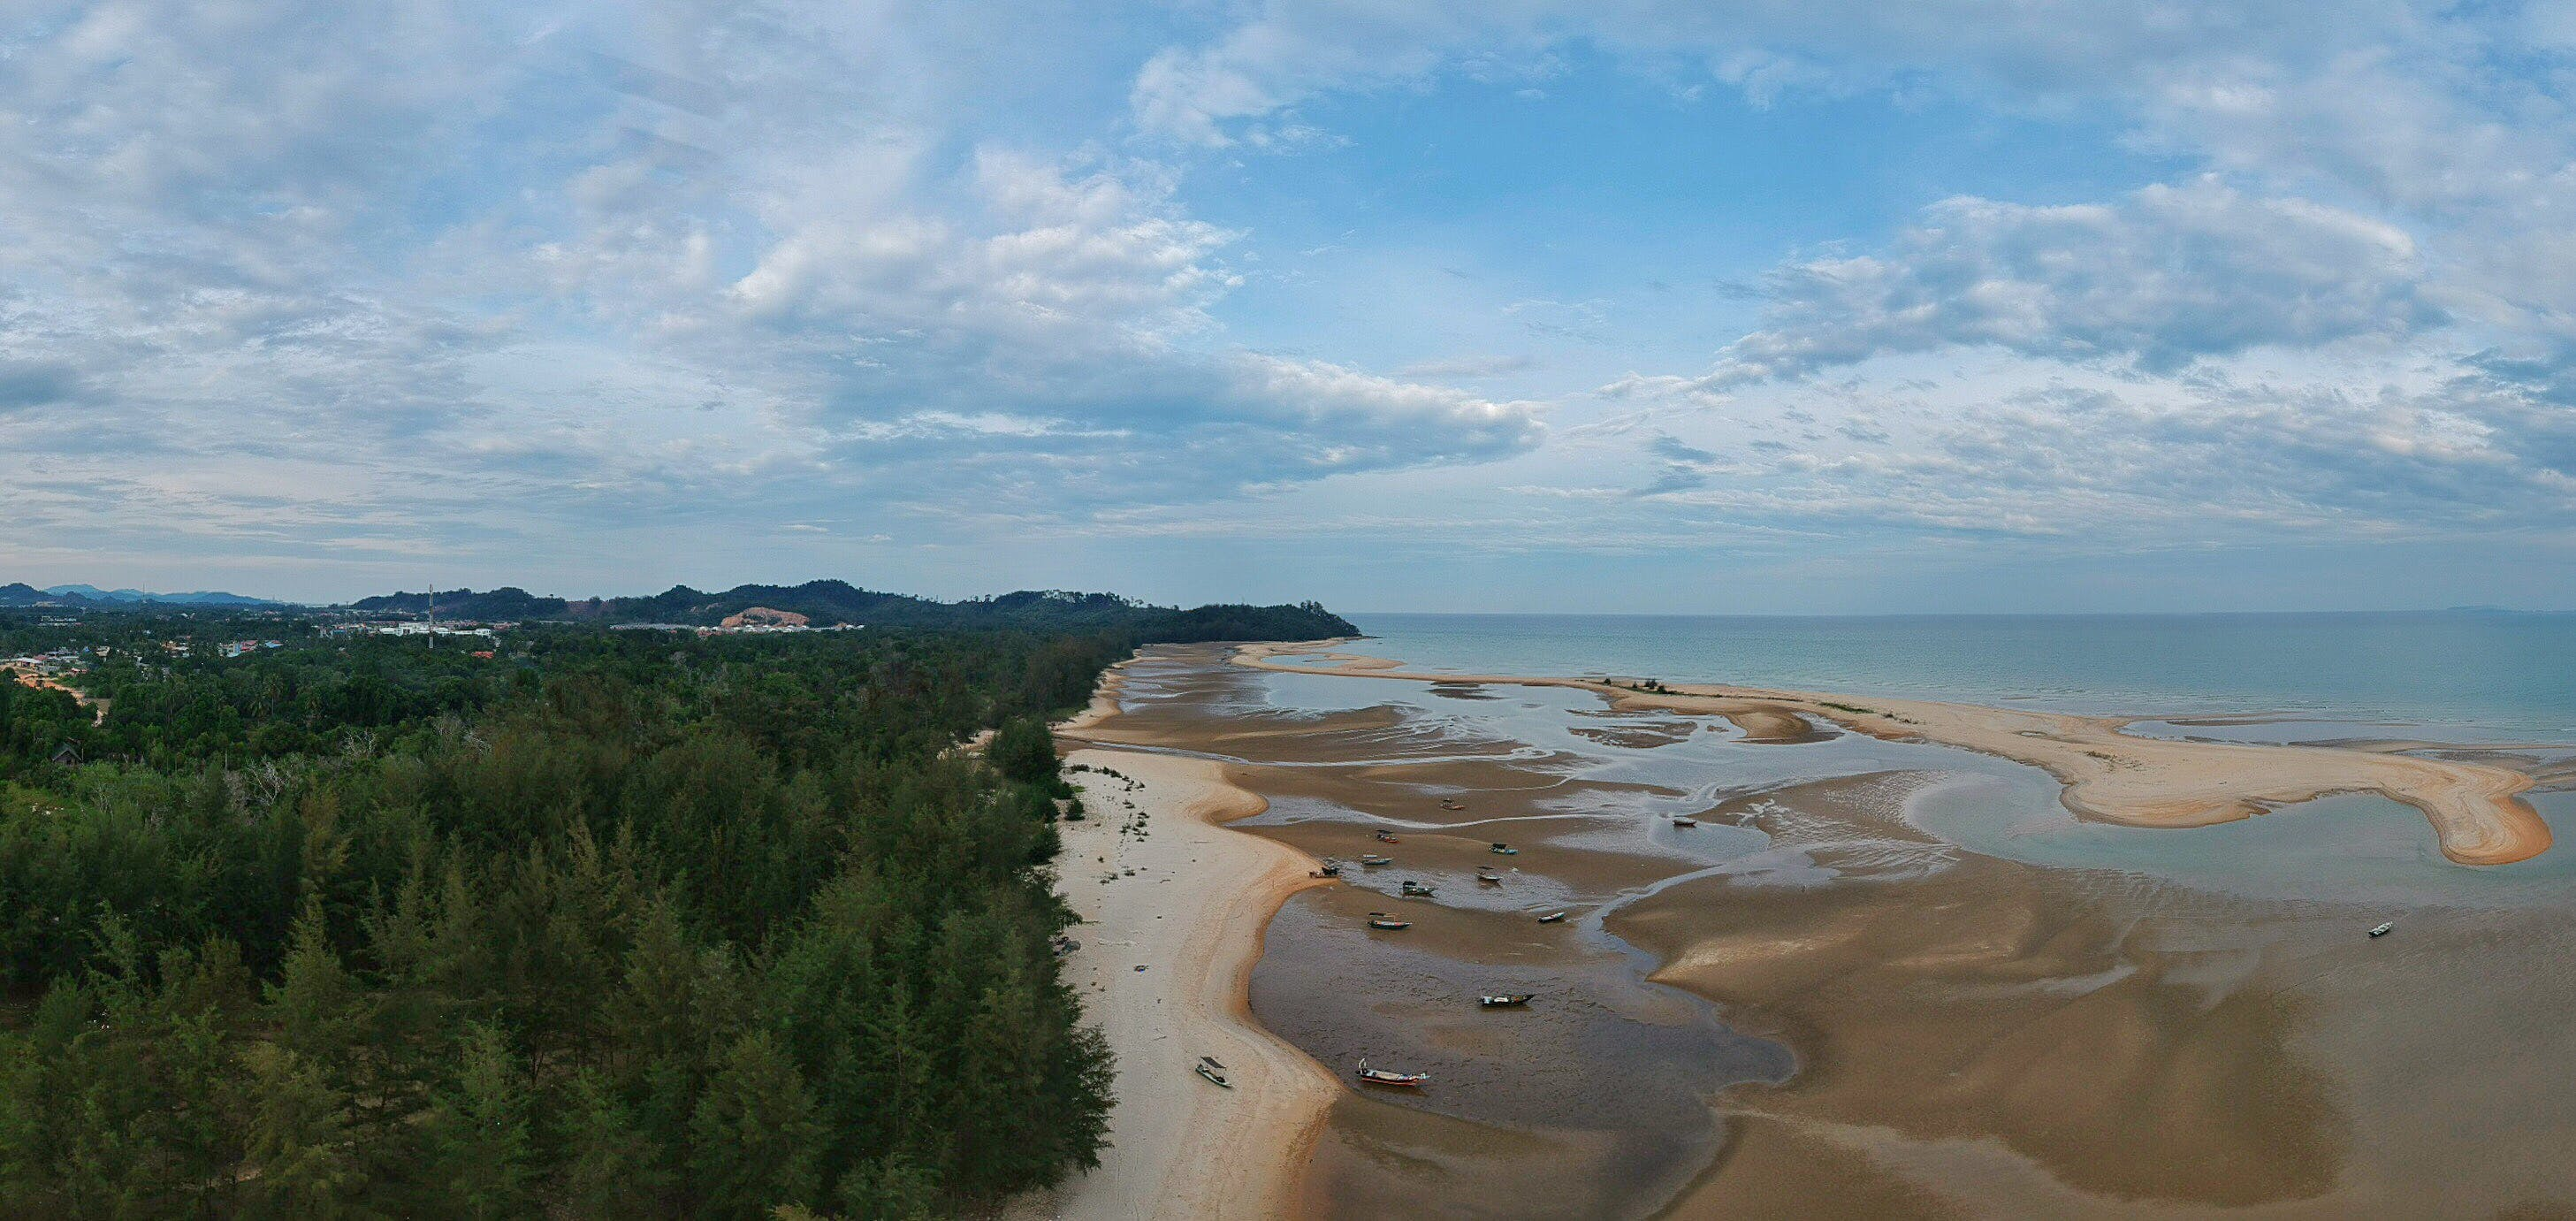 aerial shot, aerial view, beach